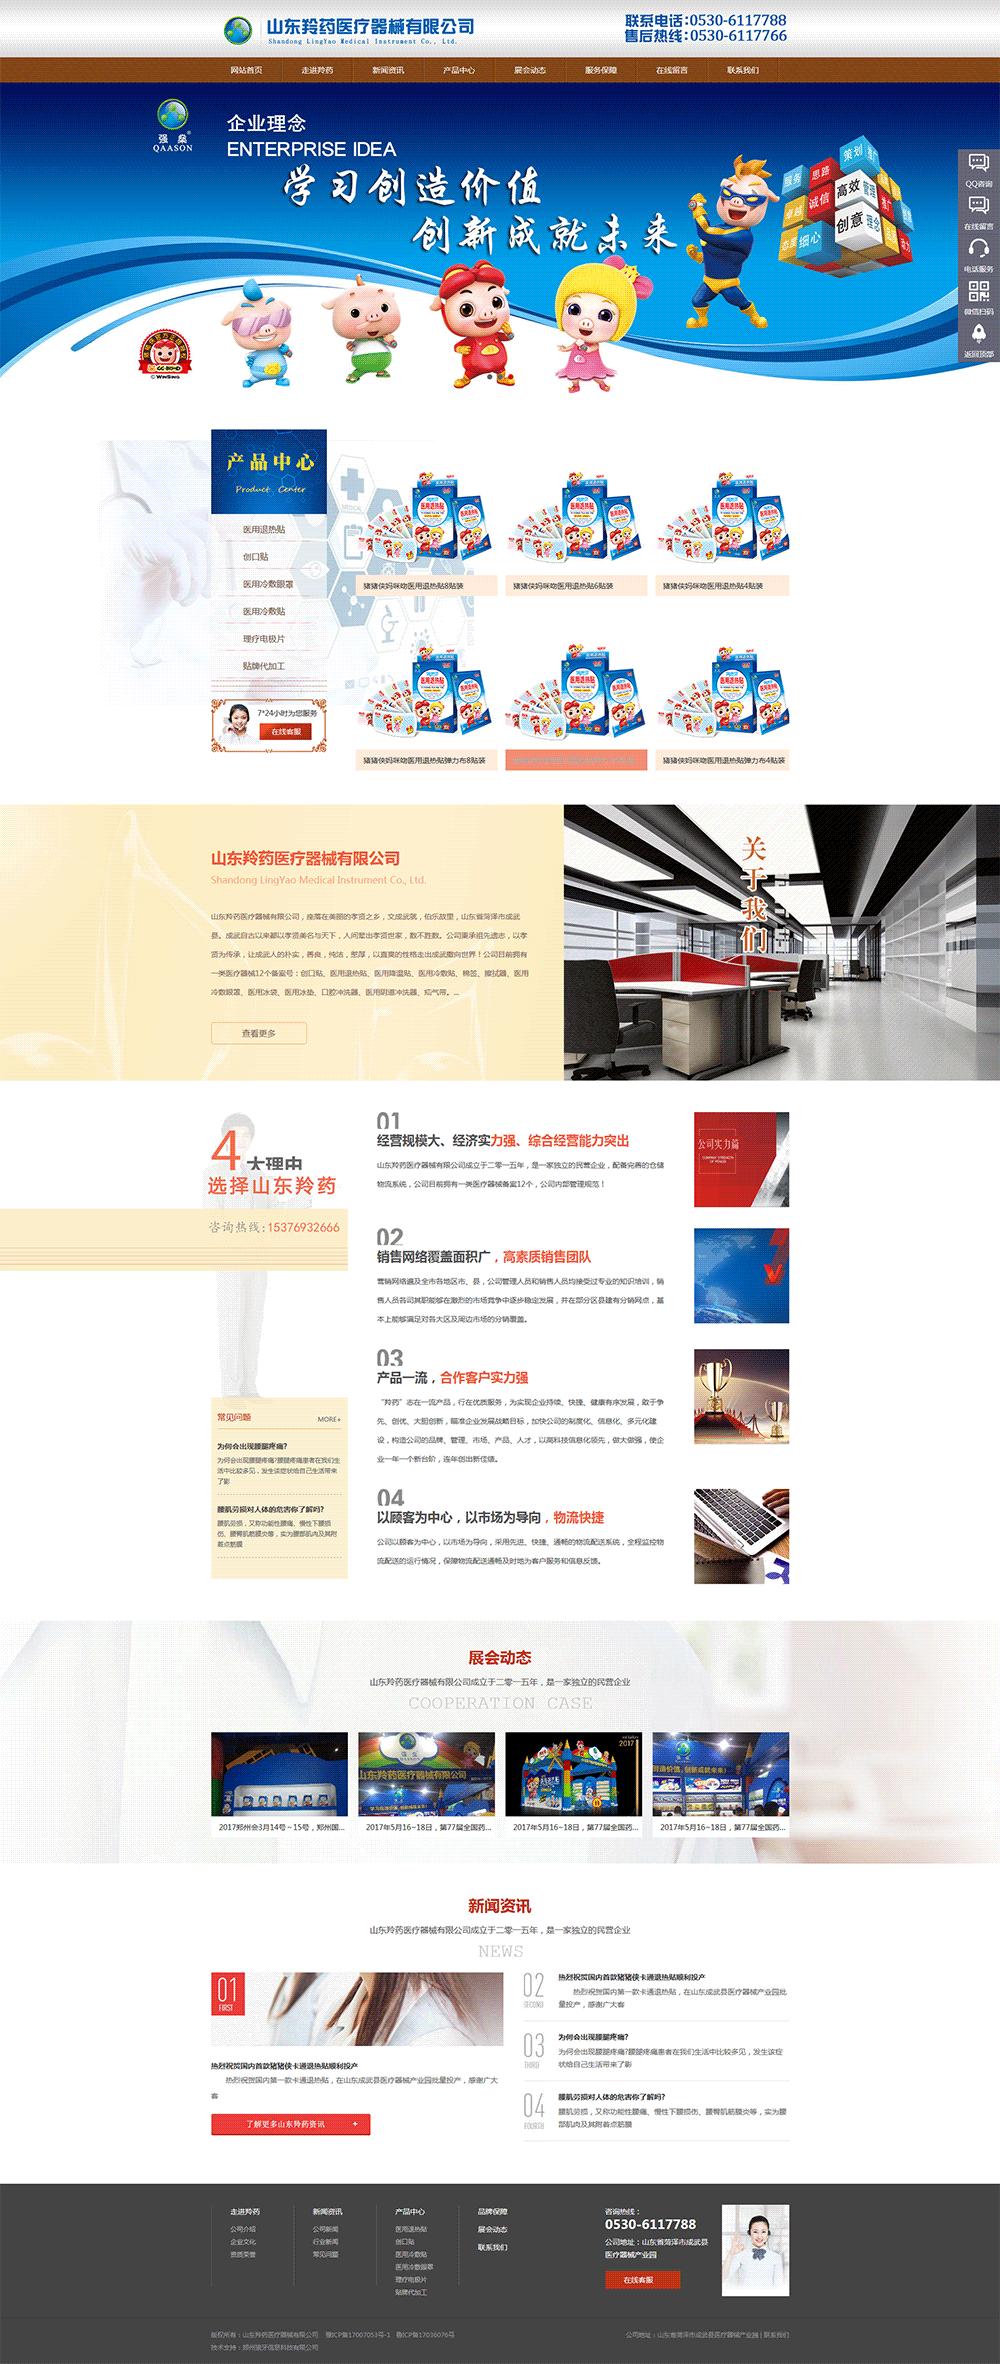 郑州网站建设公司案例